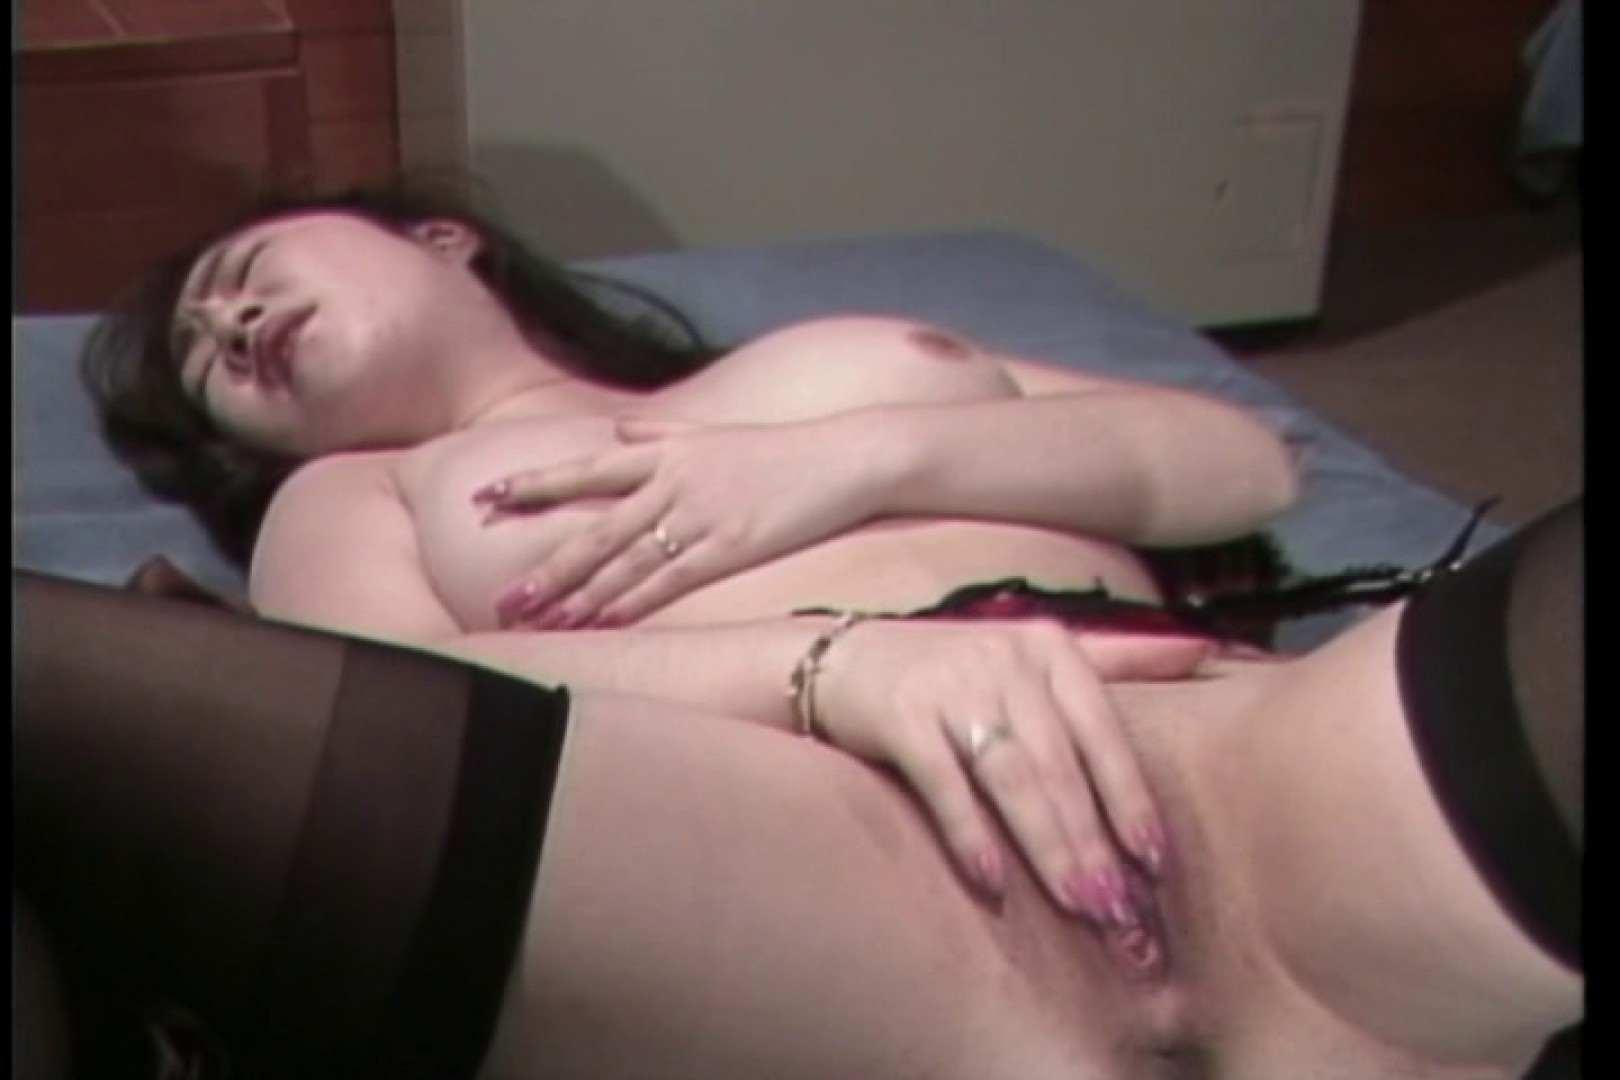 変態亜美のアブノーマルな世界・前編~夢野亜美~ バイブ   オナニーし放題  21pic 14